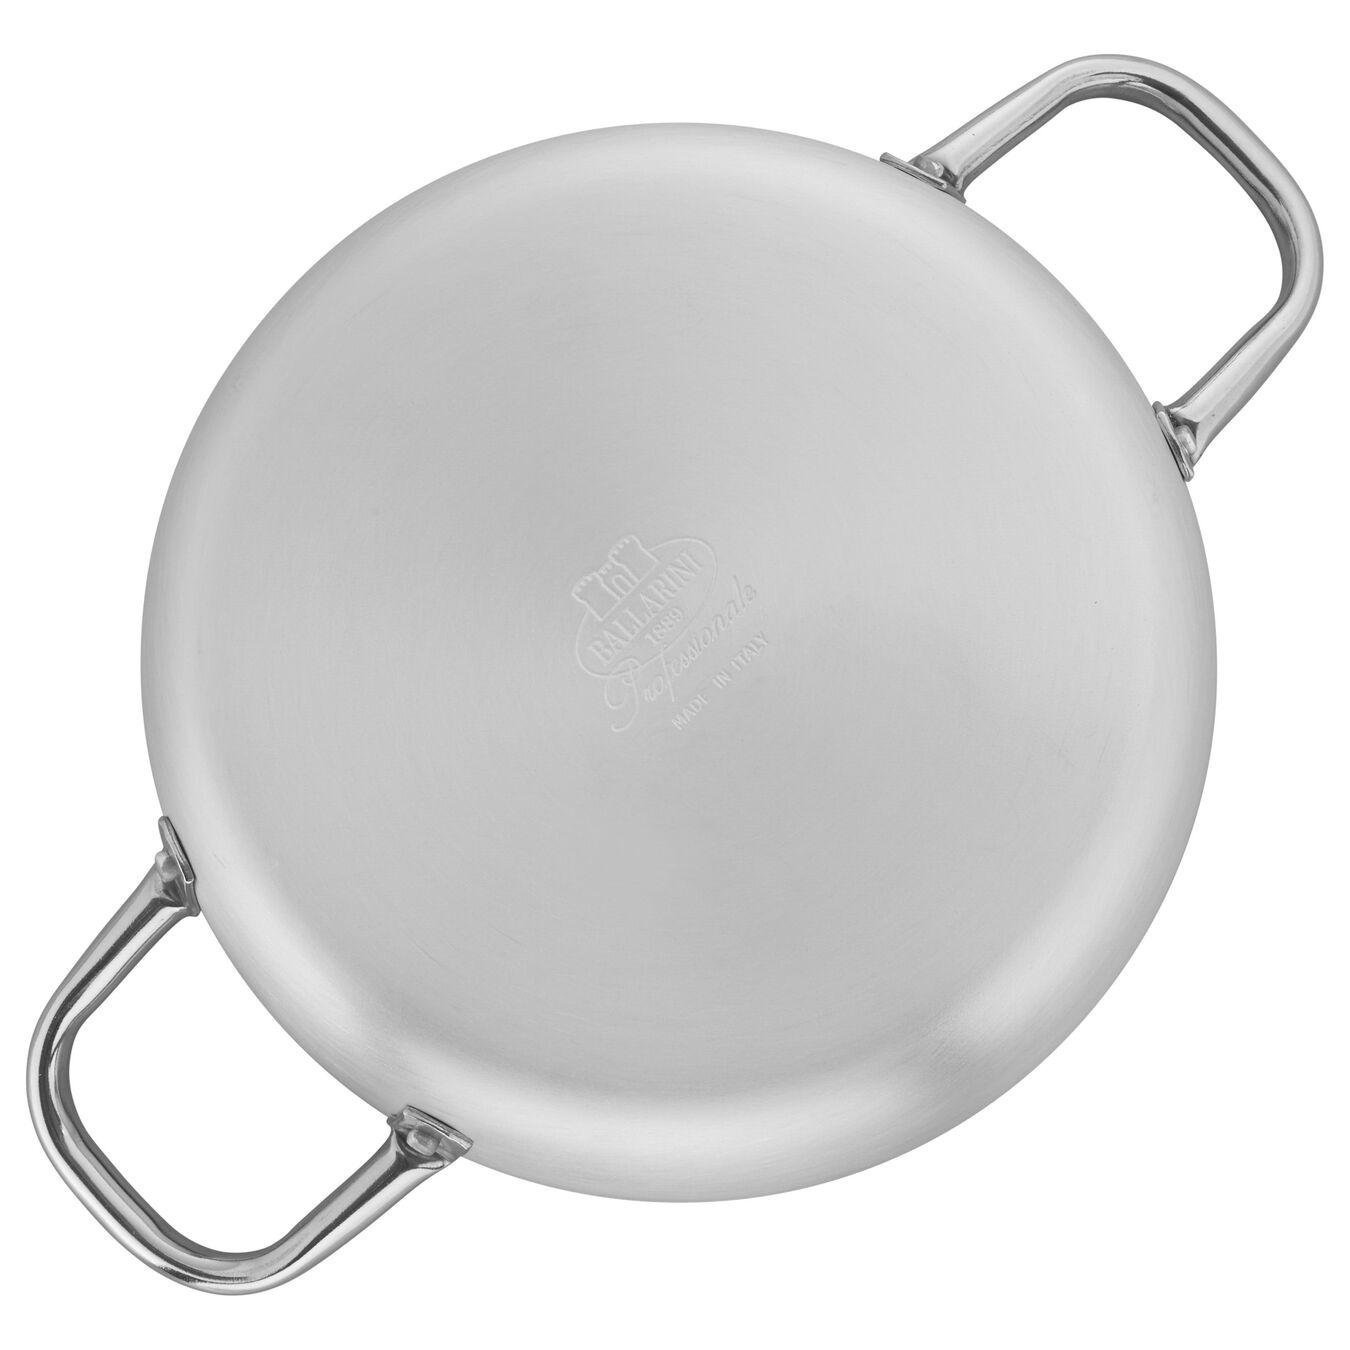 9.5 inch, aluminium, Saute pan,,large 3